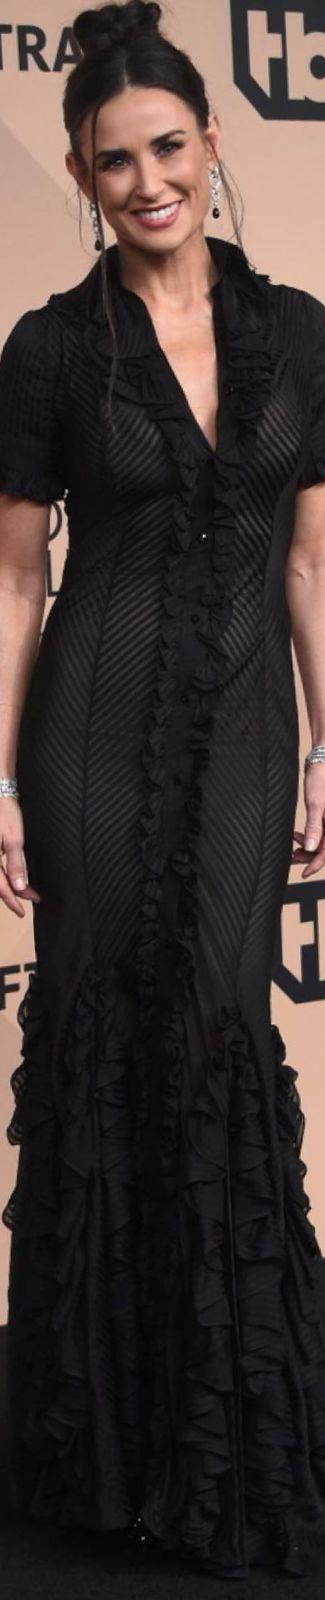 Demi Moore wearing Zac Posen 2016 SAG Awards